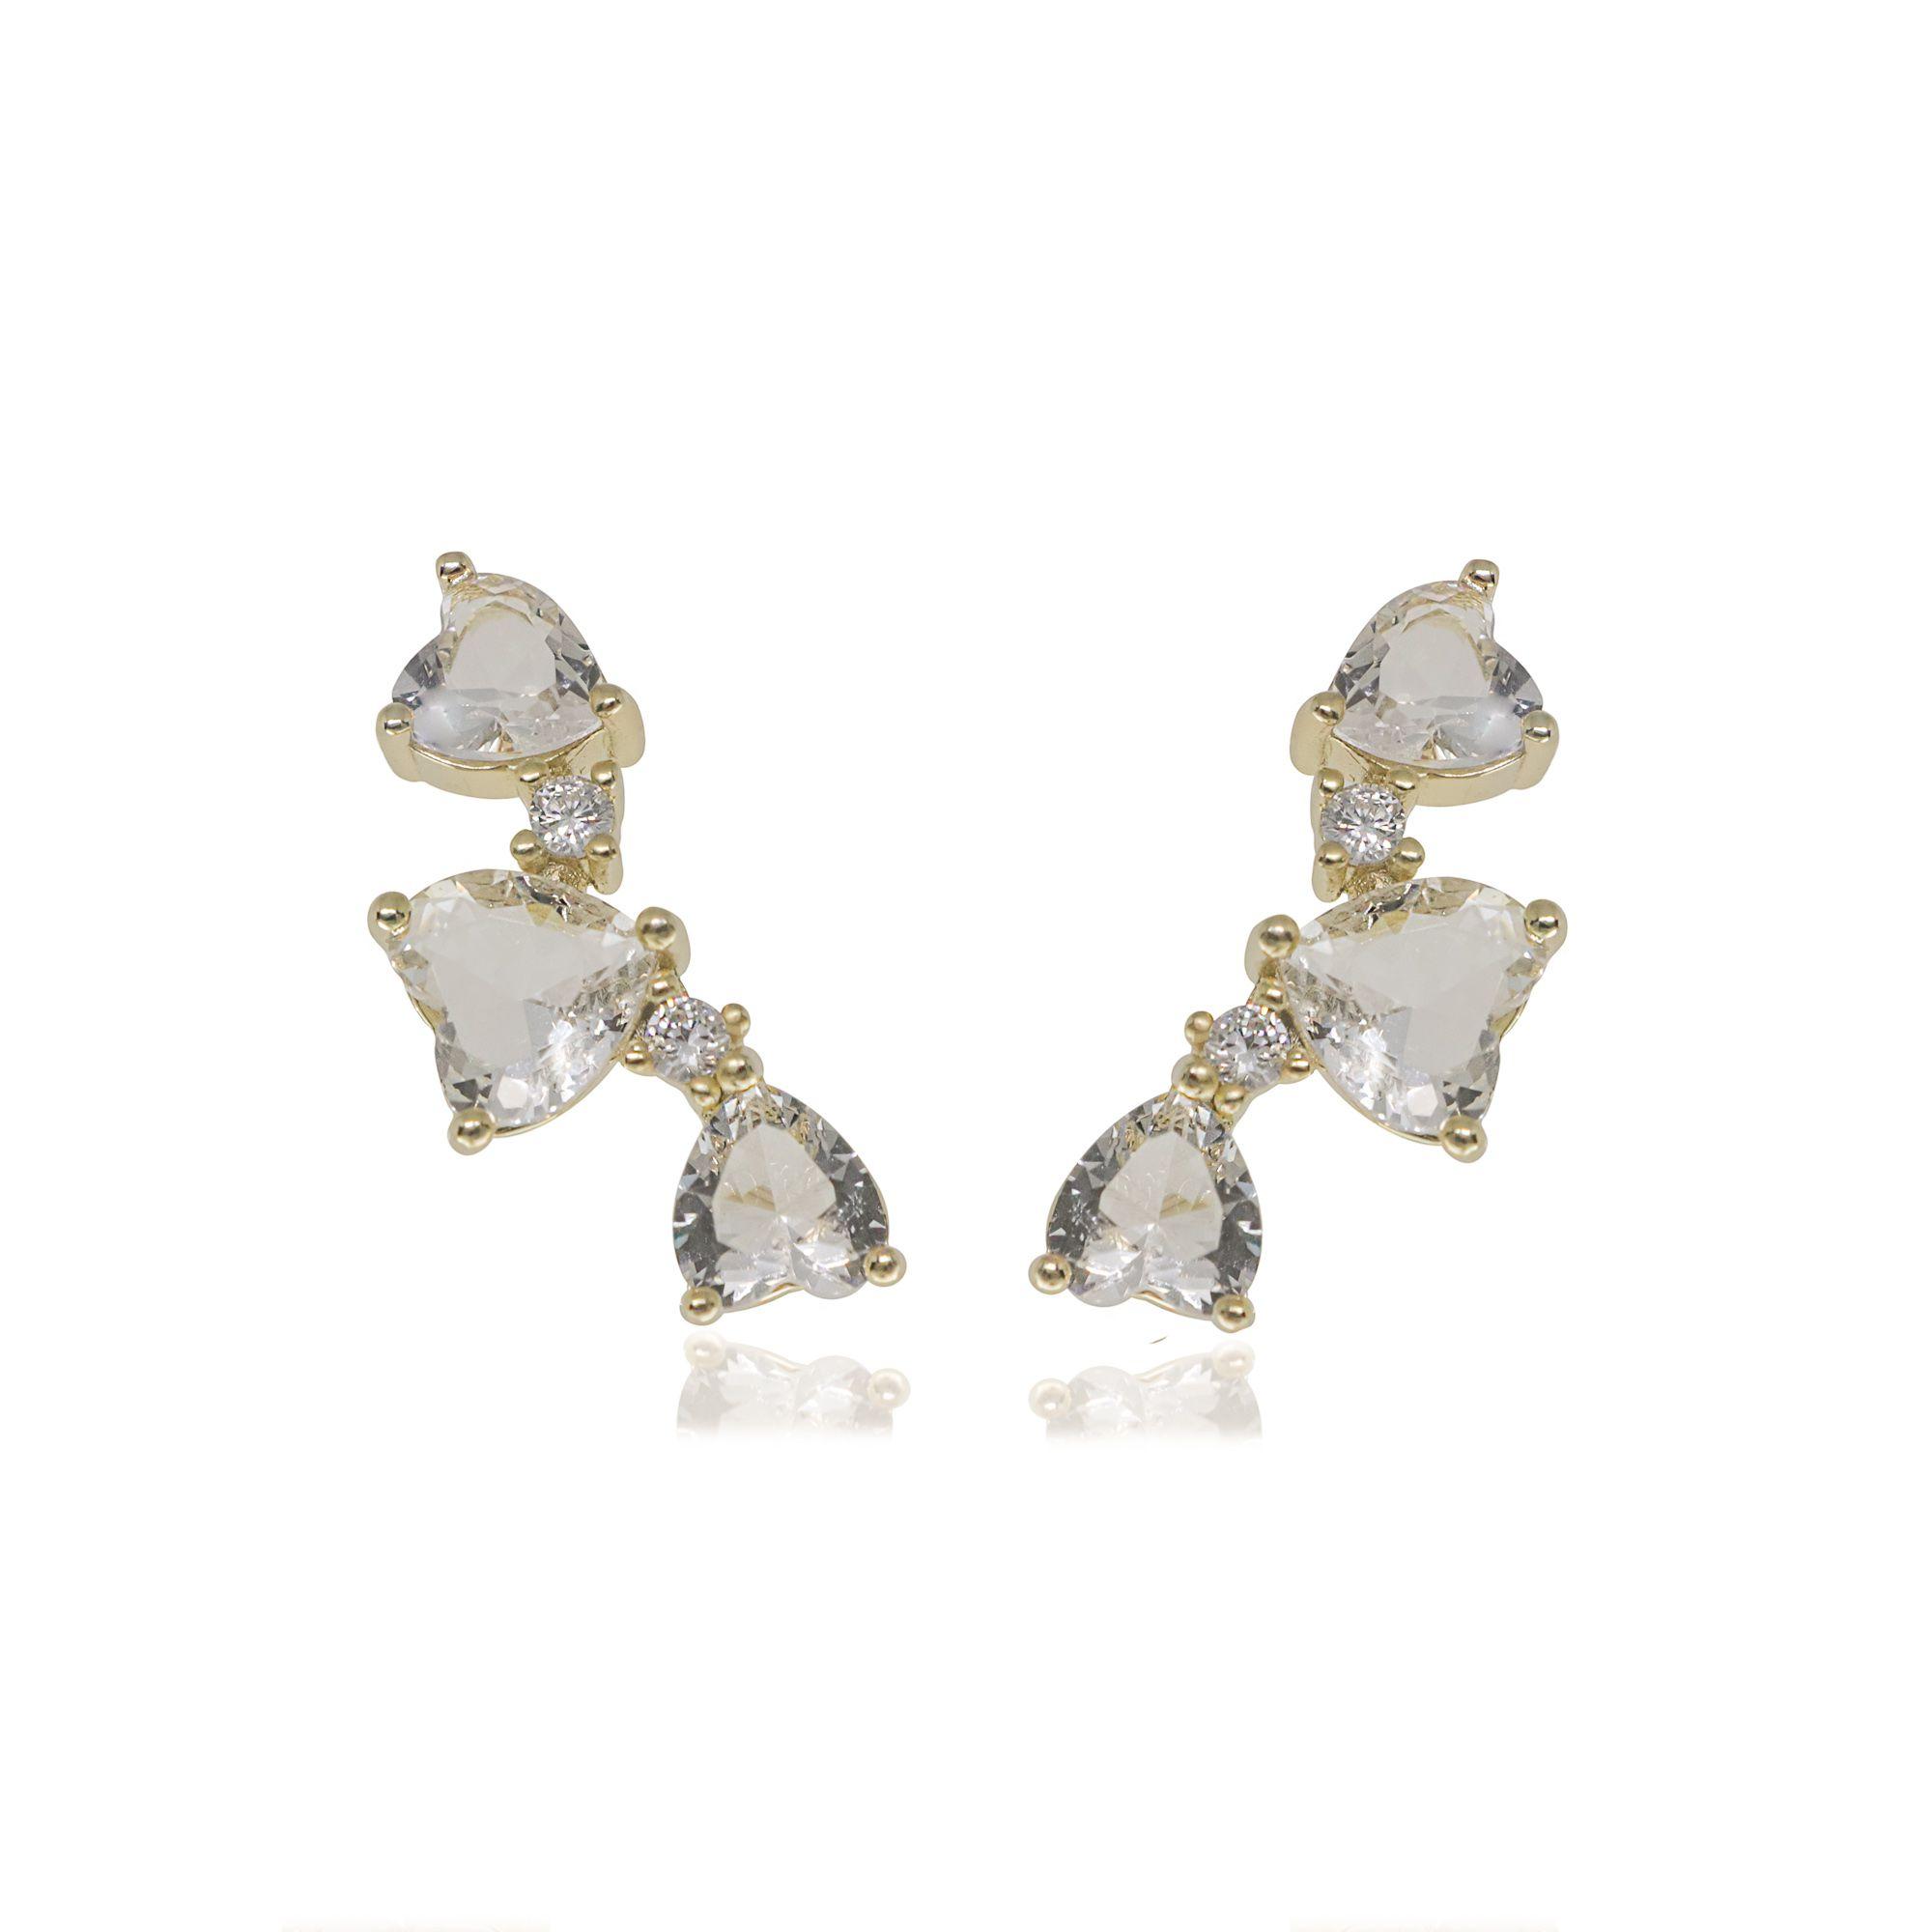 Brinco Ear cuff semijoia com zirconia e cristal 3 corações